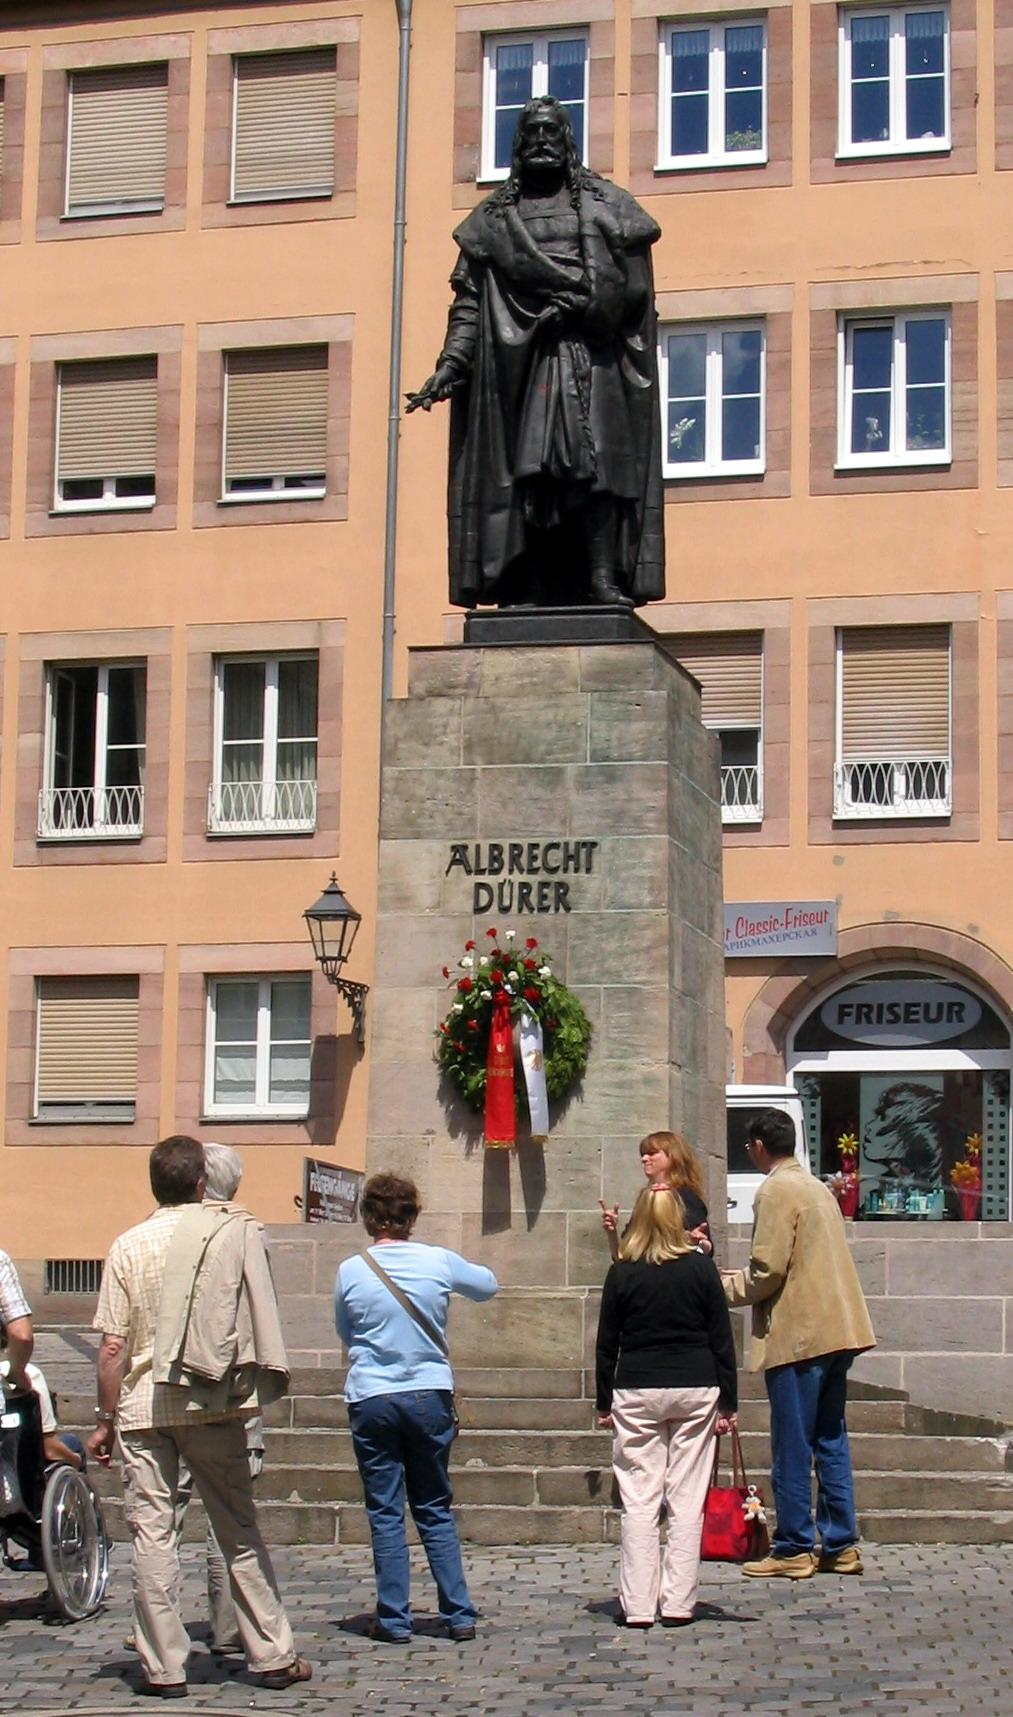 Das Dürer-Denkmal am Albrecht-Dürer-Platz